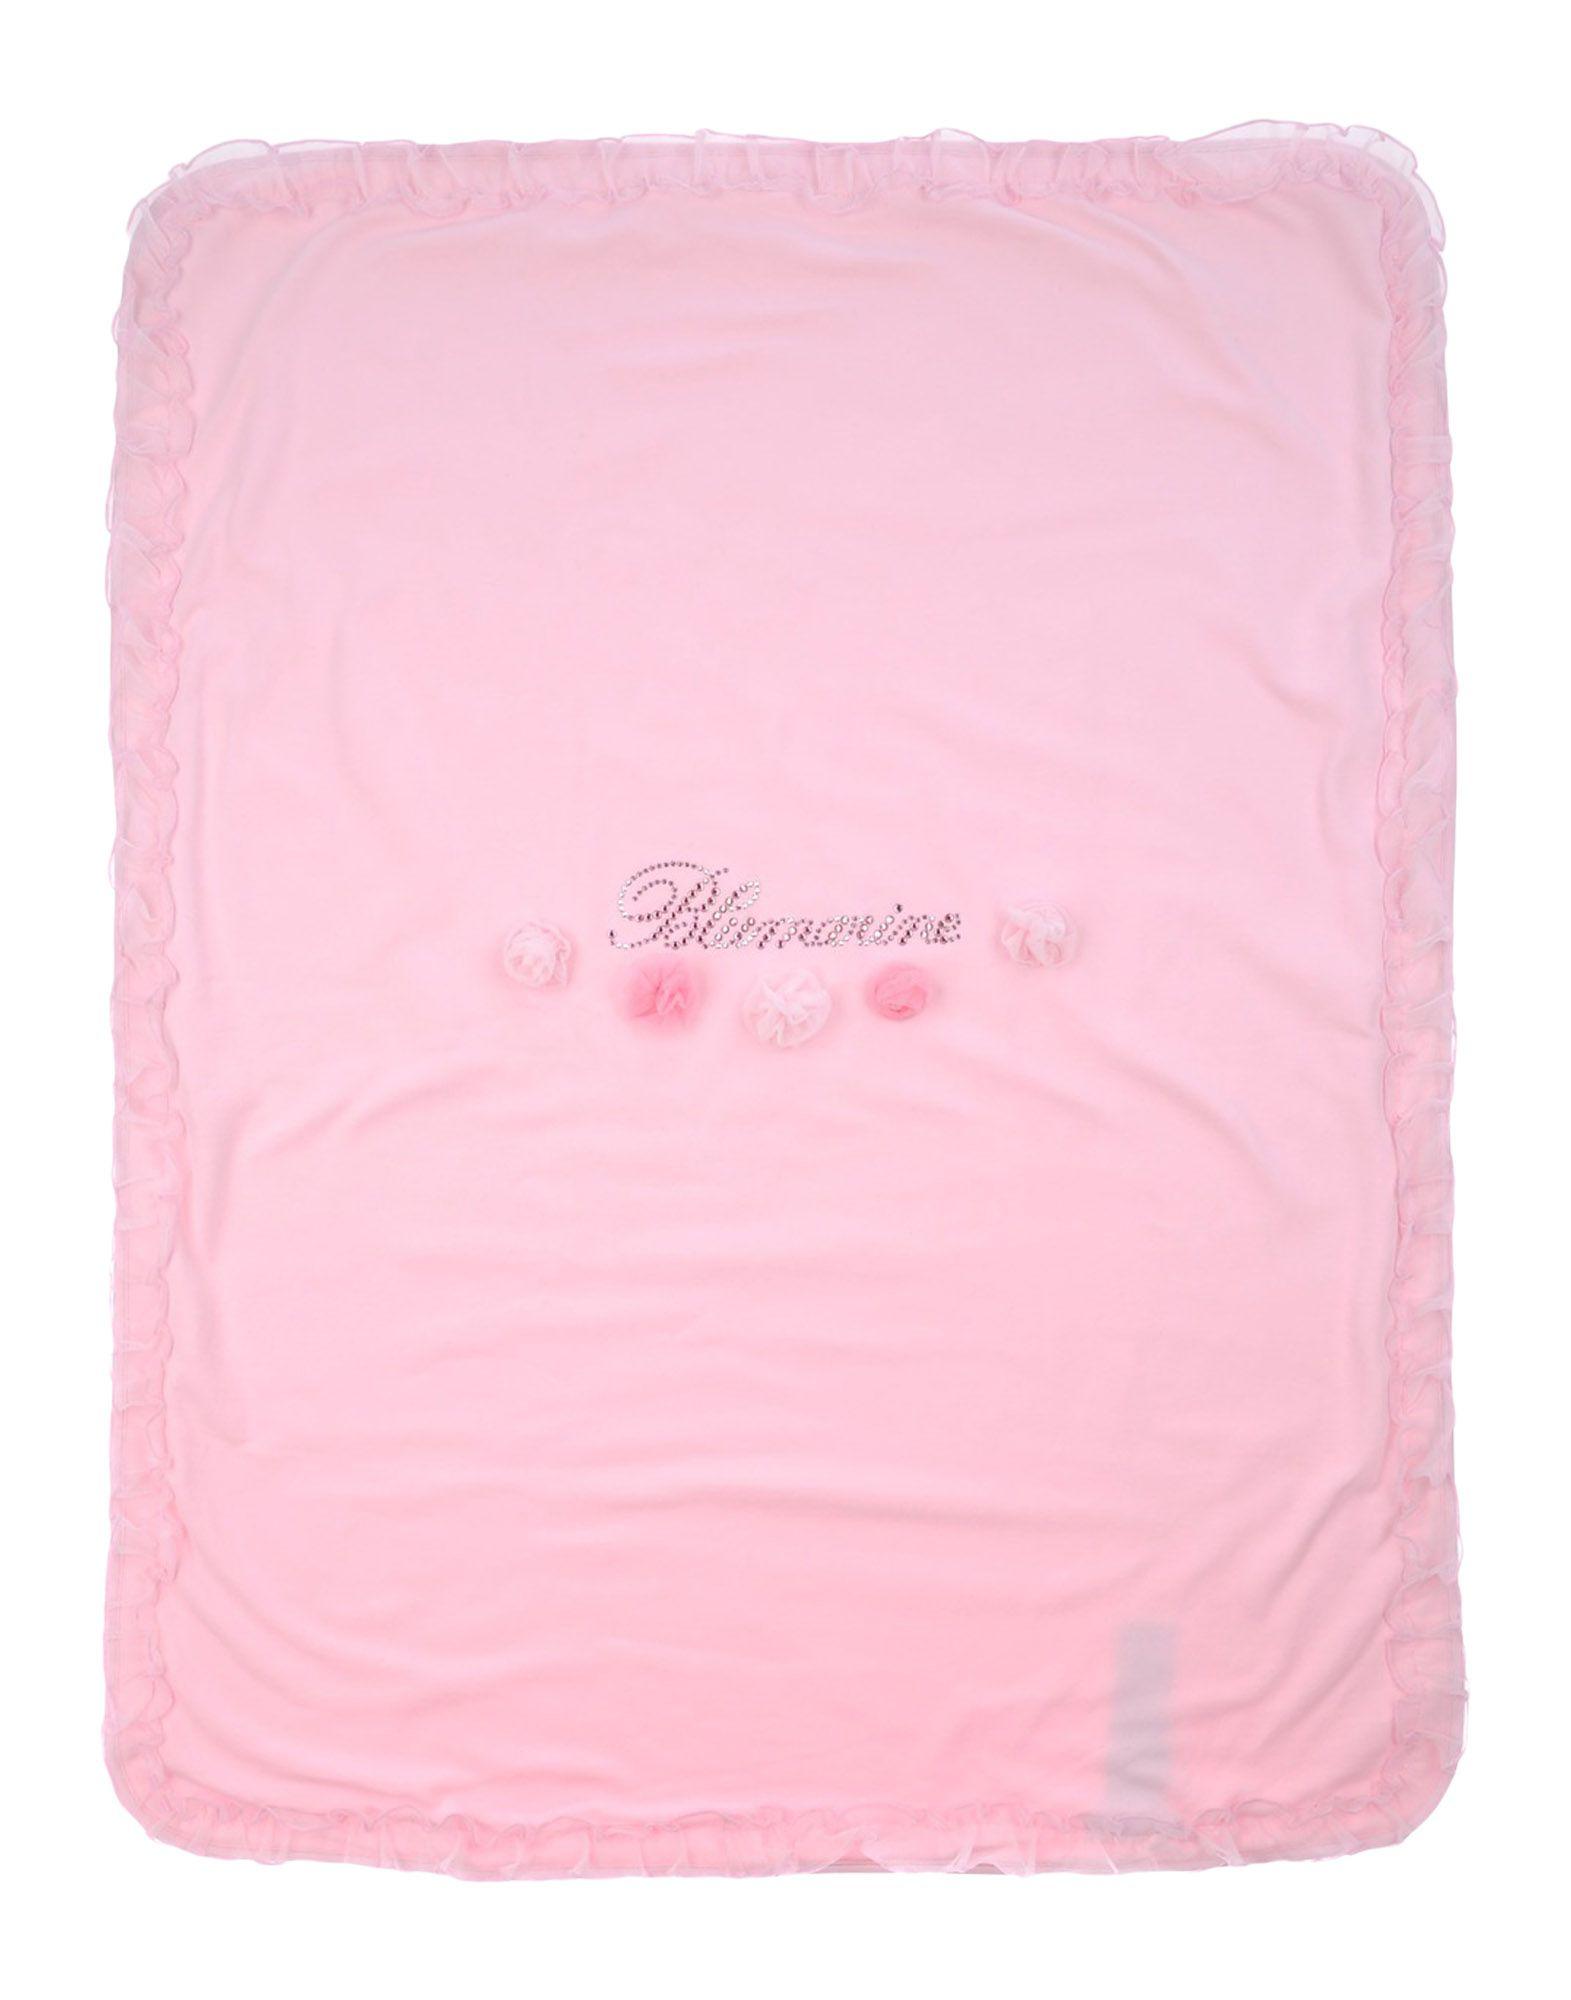 MISS BLUMARINE JEANS Mädchen 3-8 jahre Wolldecke Farbe Rosa Größe 1